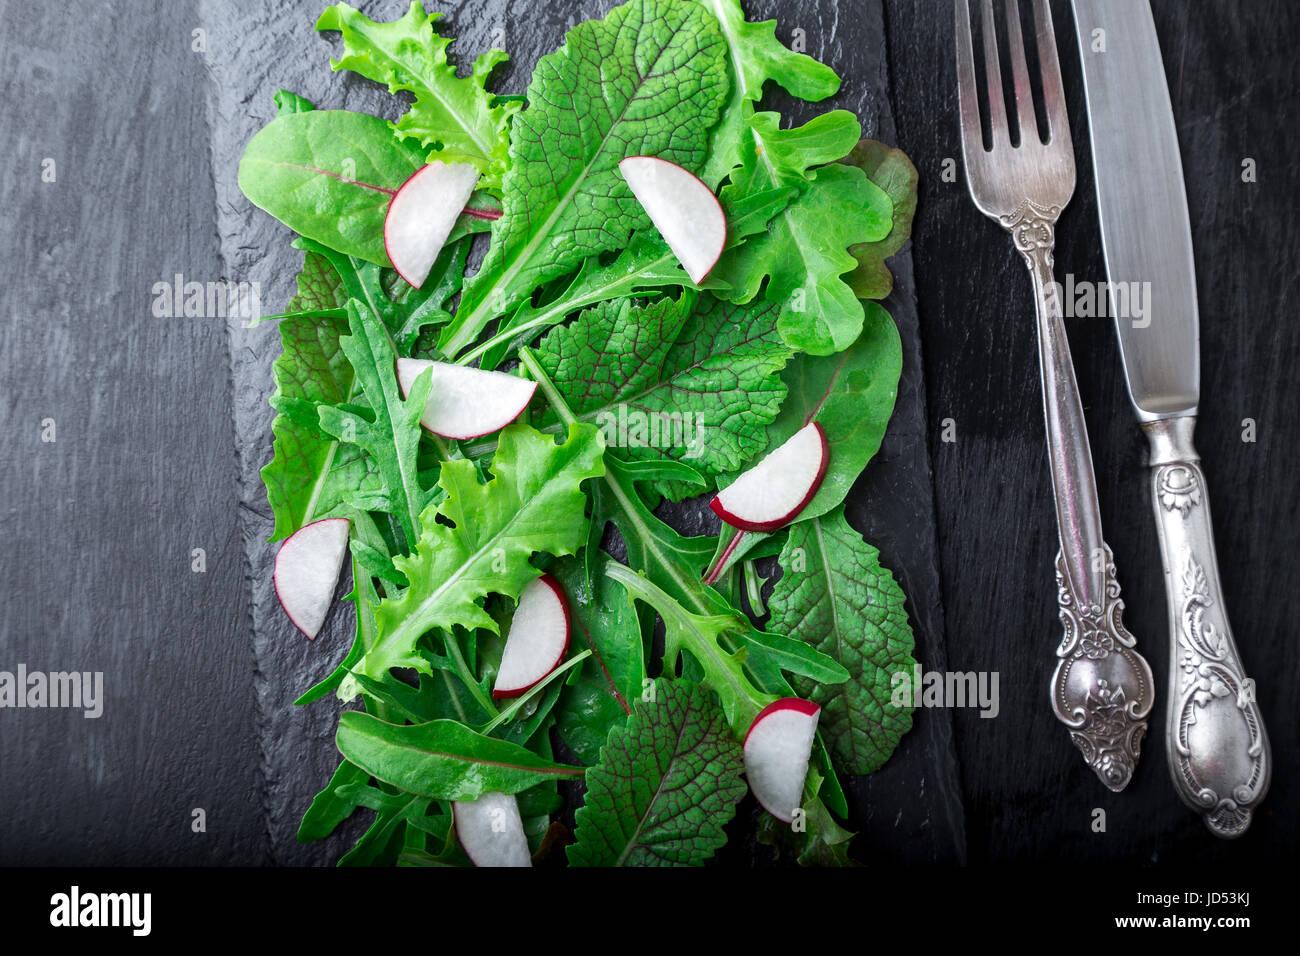 Mélange de salade de radis noir avec feuilles sur la plaque d'ardoise. Vue d'en haut Photo Stock